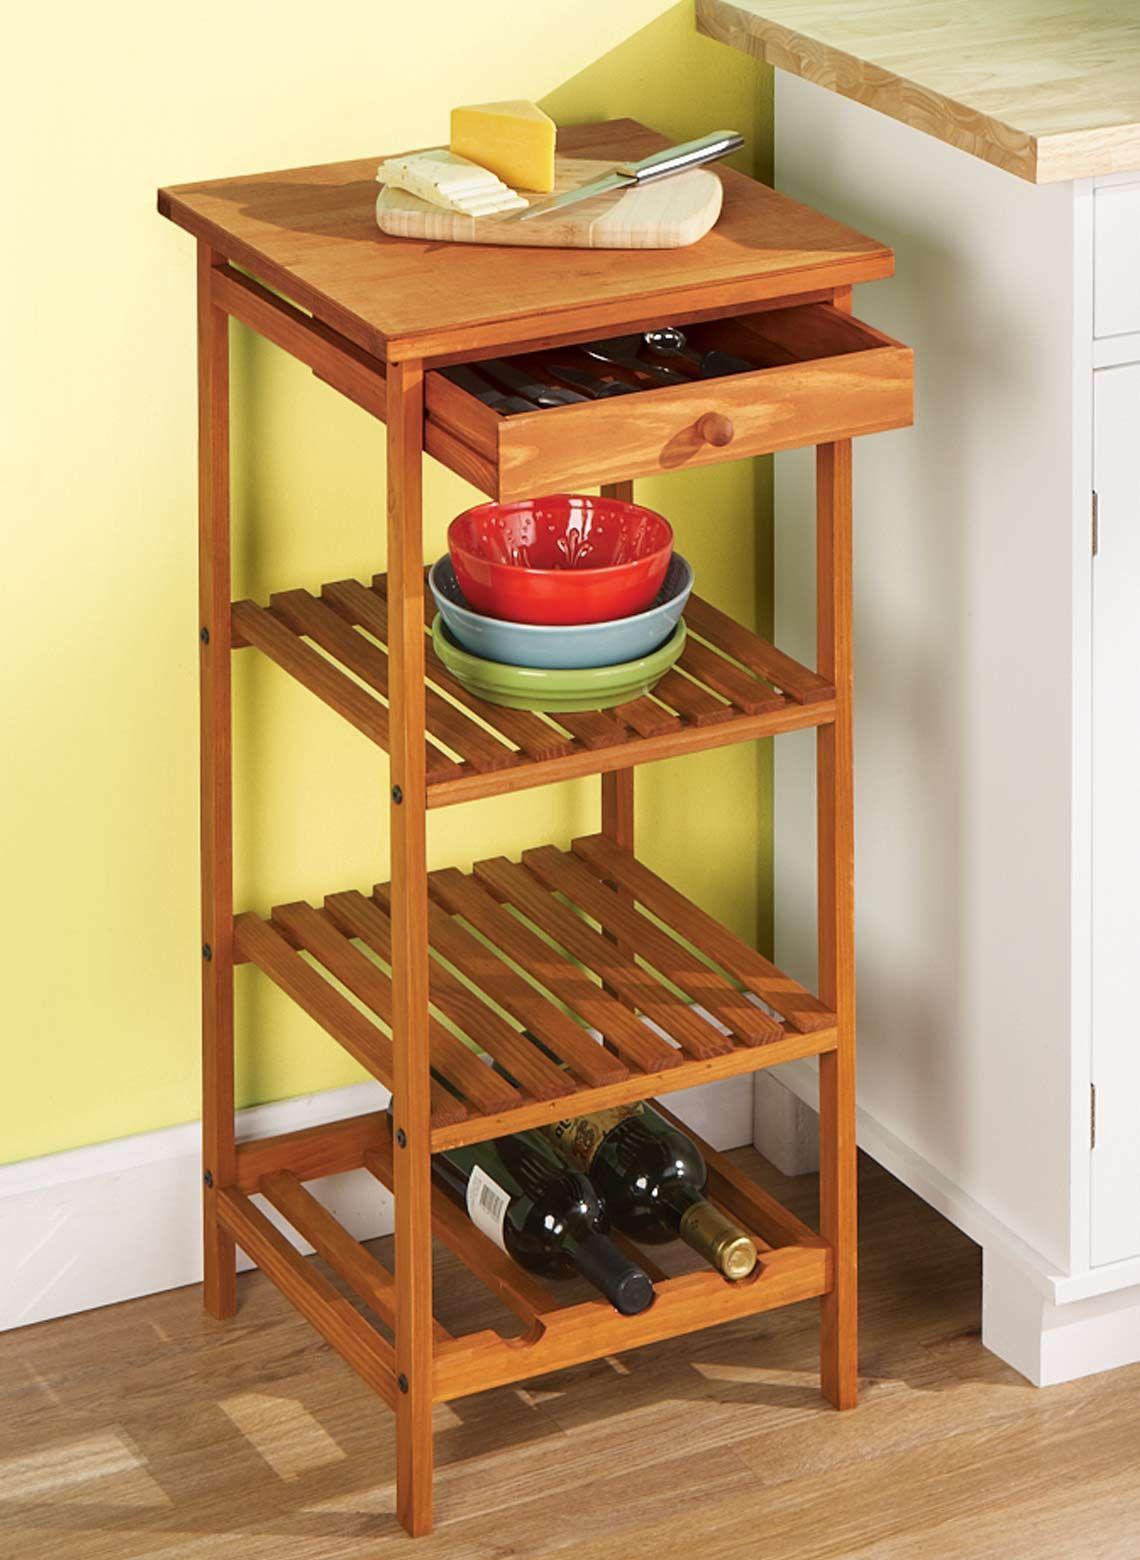 Full Size of Kche Beistelltisch Dies Ist Neueste Informationen Auf Küche Selber Planen Sitzbank Mit Lehne Billig Einzelschränke Landküche Modulküche Ikea Teppich Küche Beistelltisch Küche